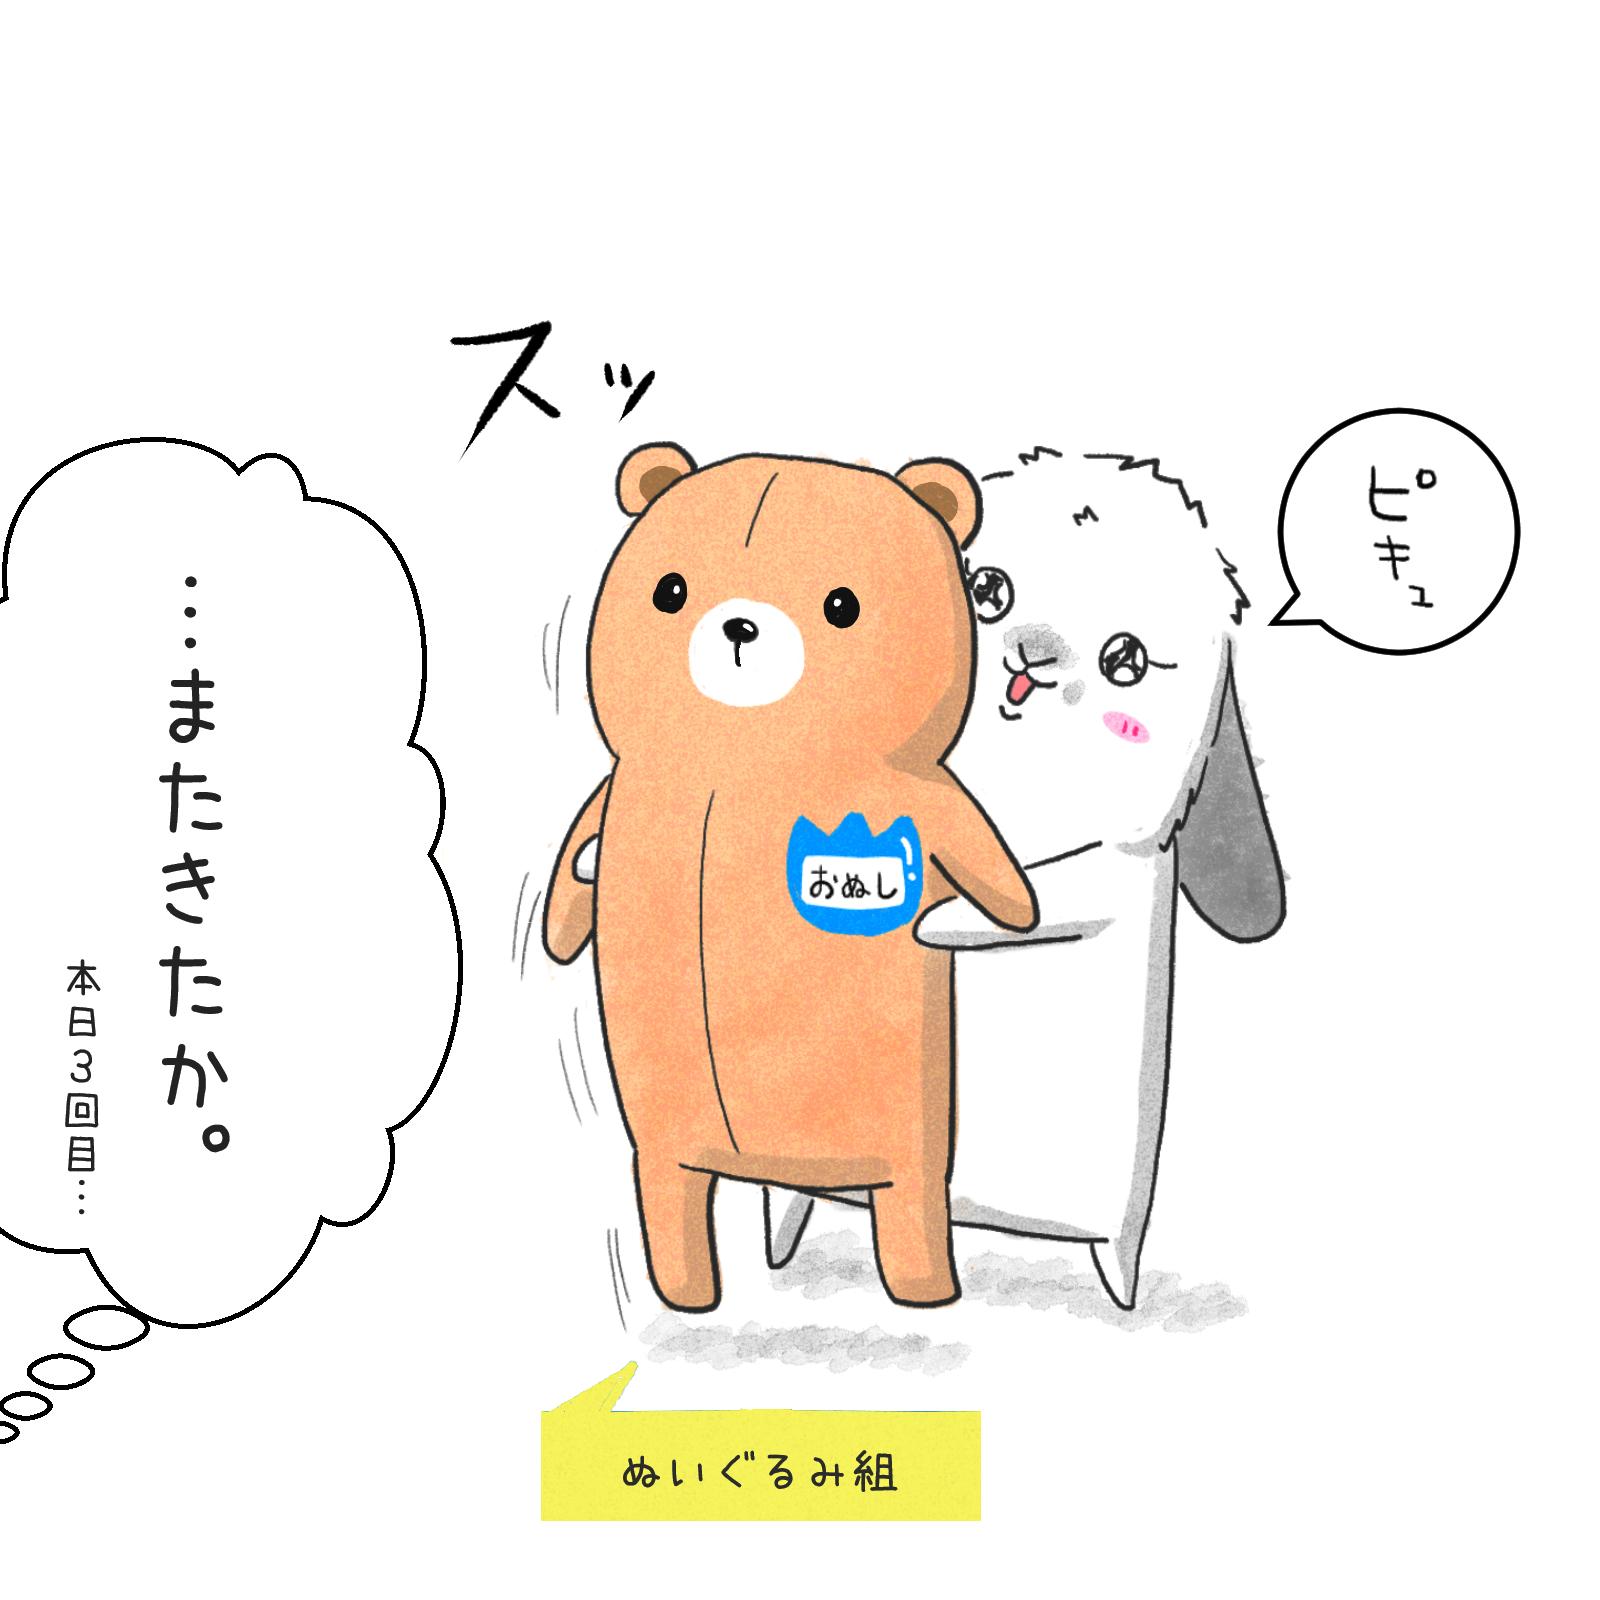 うさぎの漫画02